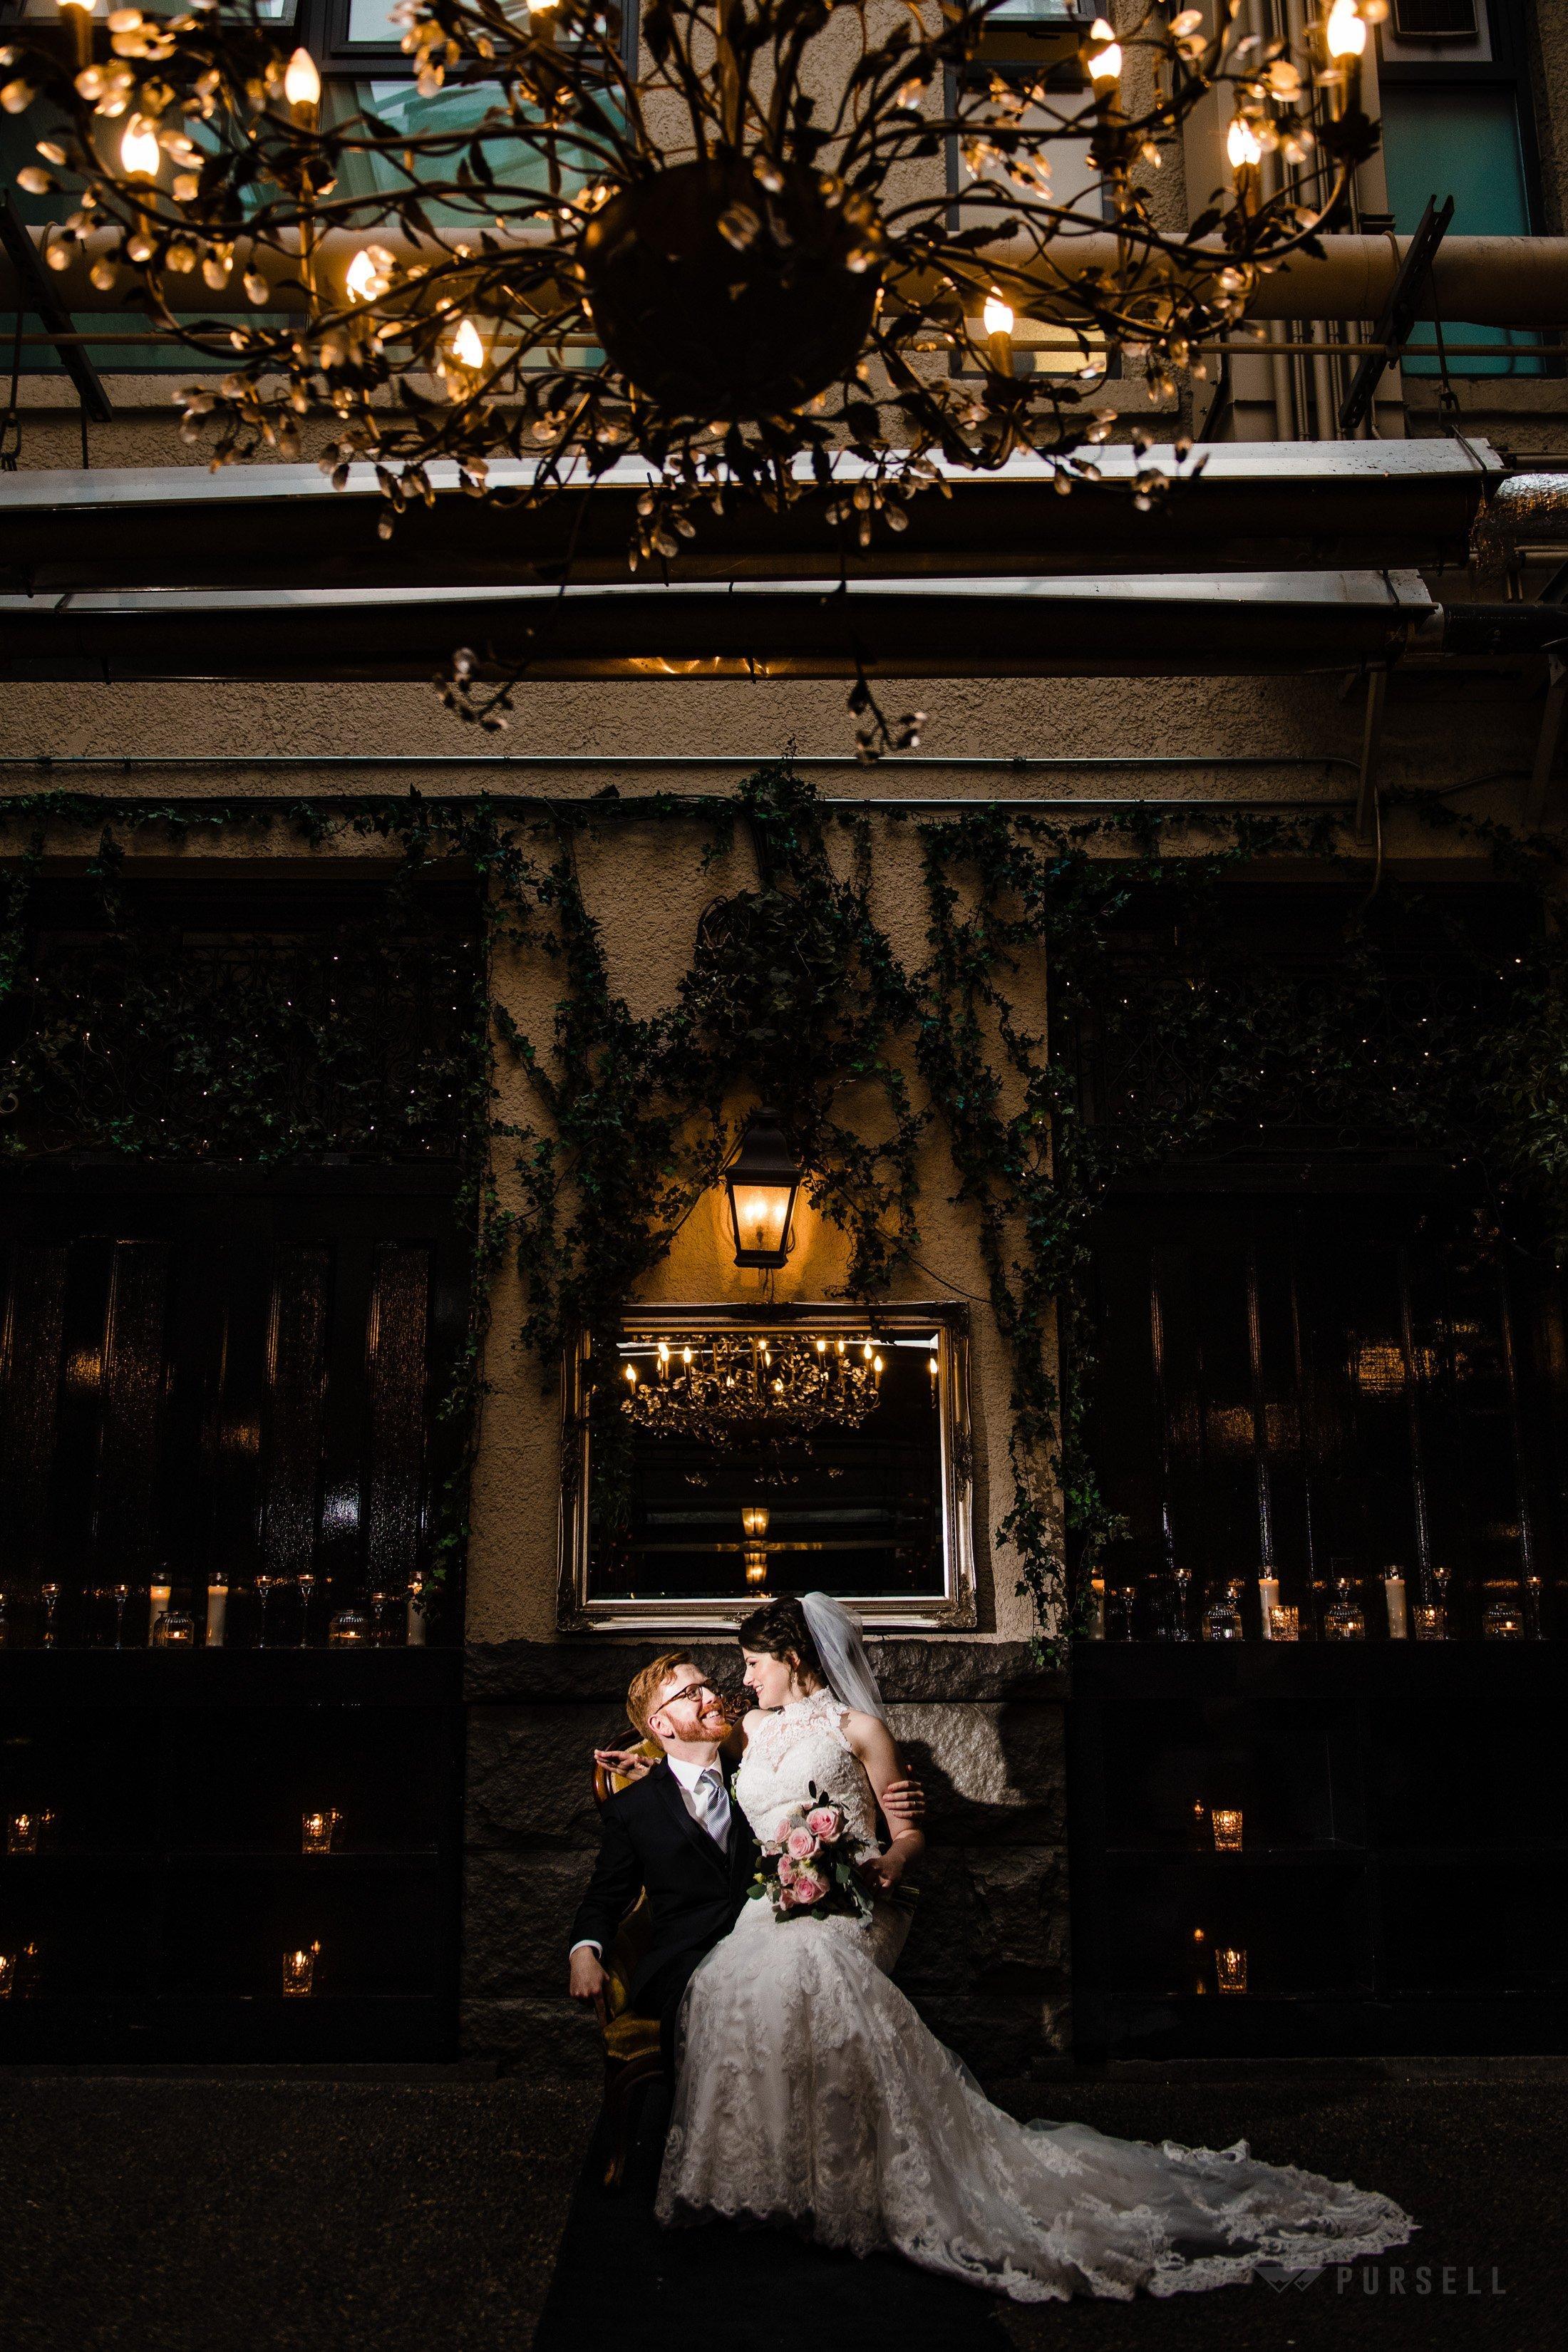 030 - intimate wedding venue vancouver